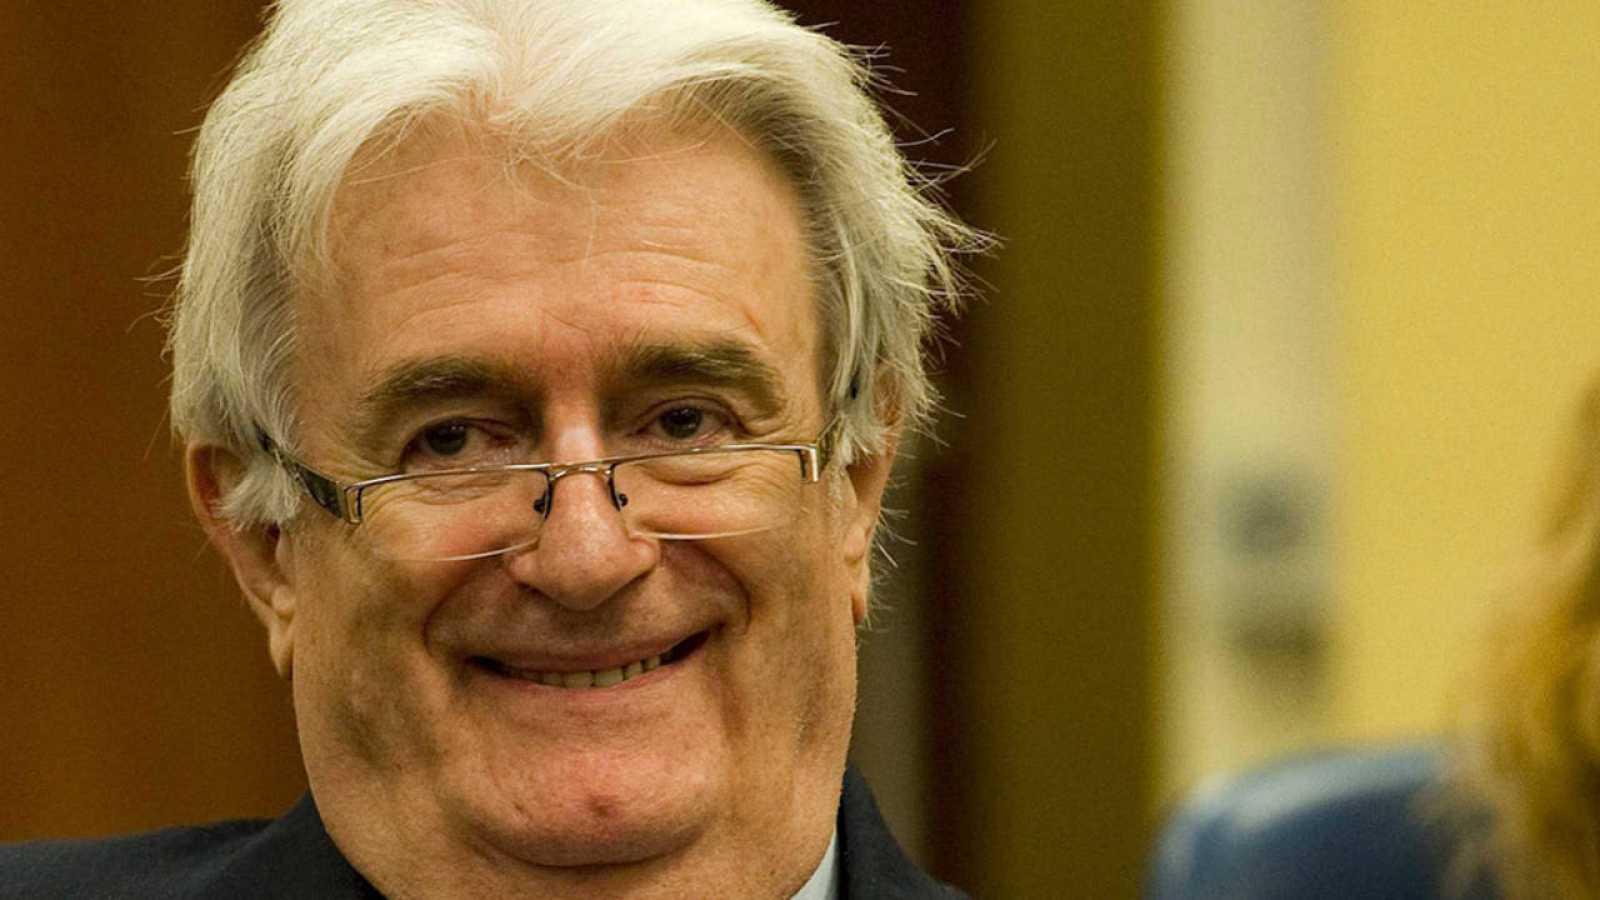 Imagen de archivo de 2012 del exlíder serbobosnio Radovan Karadzic, en Tribunal Penal Internacional para la antigua Yugoslavia (TPIY).